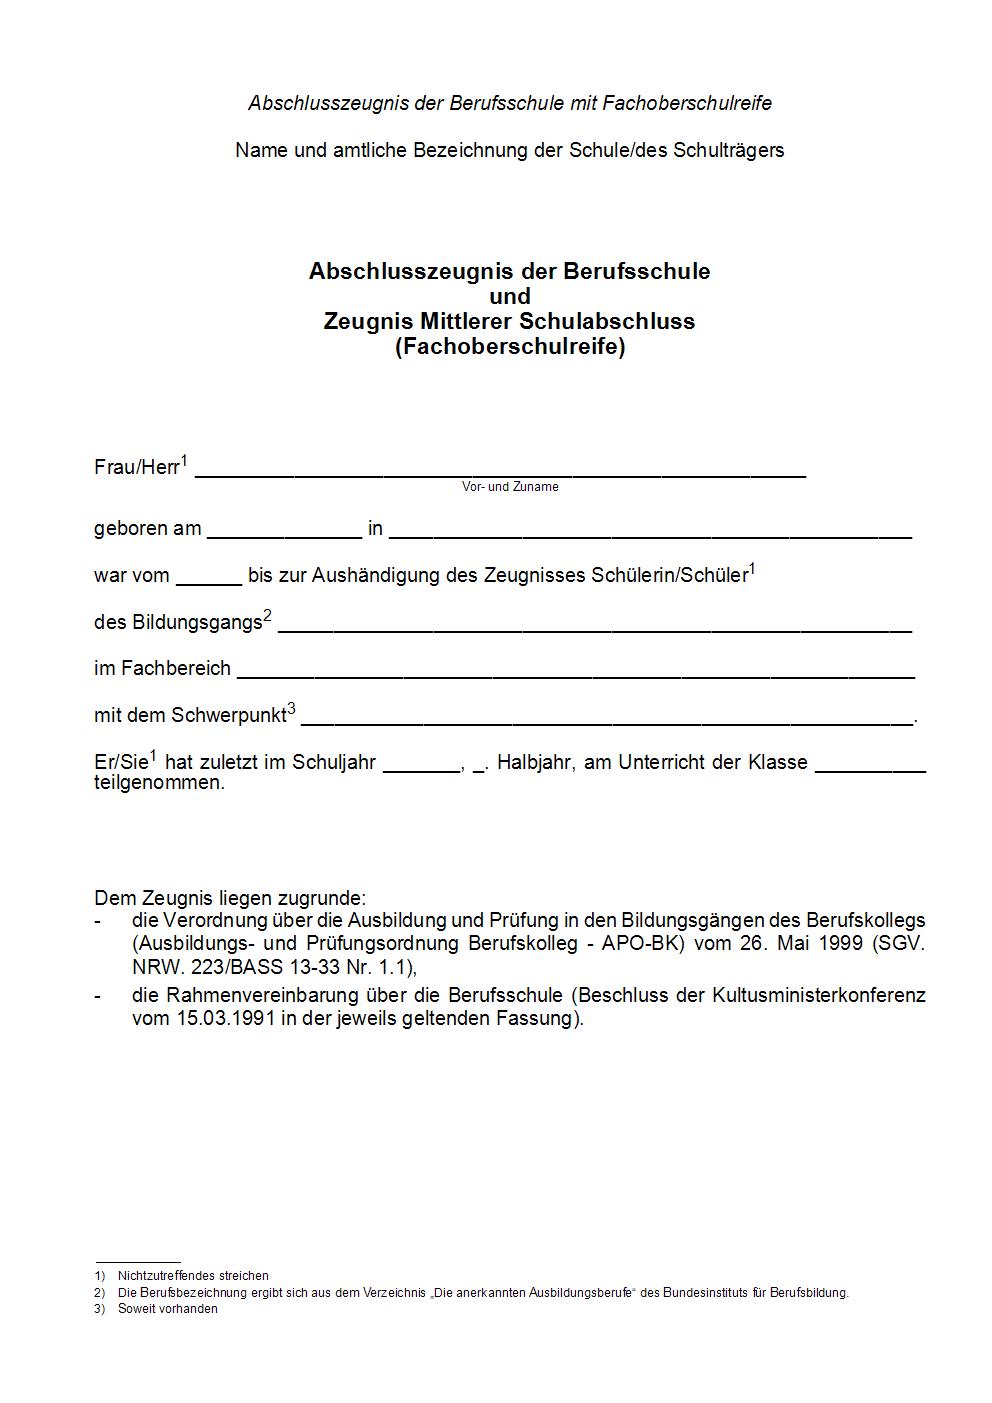 Bass 2020 2021 13 33 Nr 1 2 Verwaltungsvorschriften Zur Verordnung Uber Die Ausbildung Und Prufung In Den Bildungsgangen Des Berufskollegs Vvzapo Bk